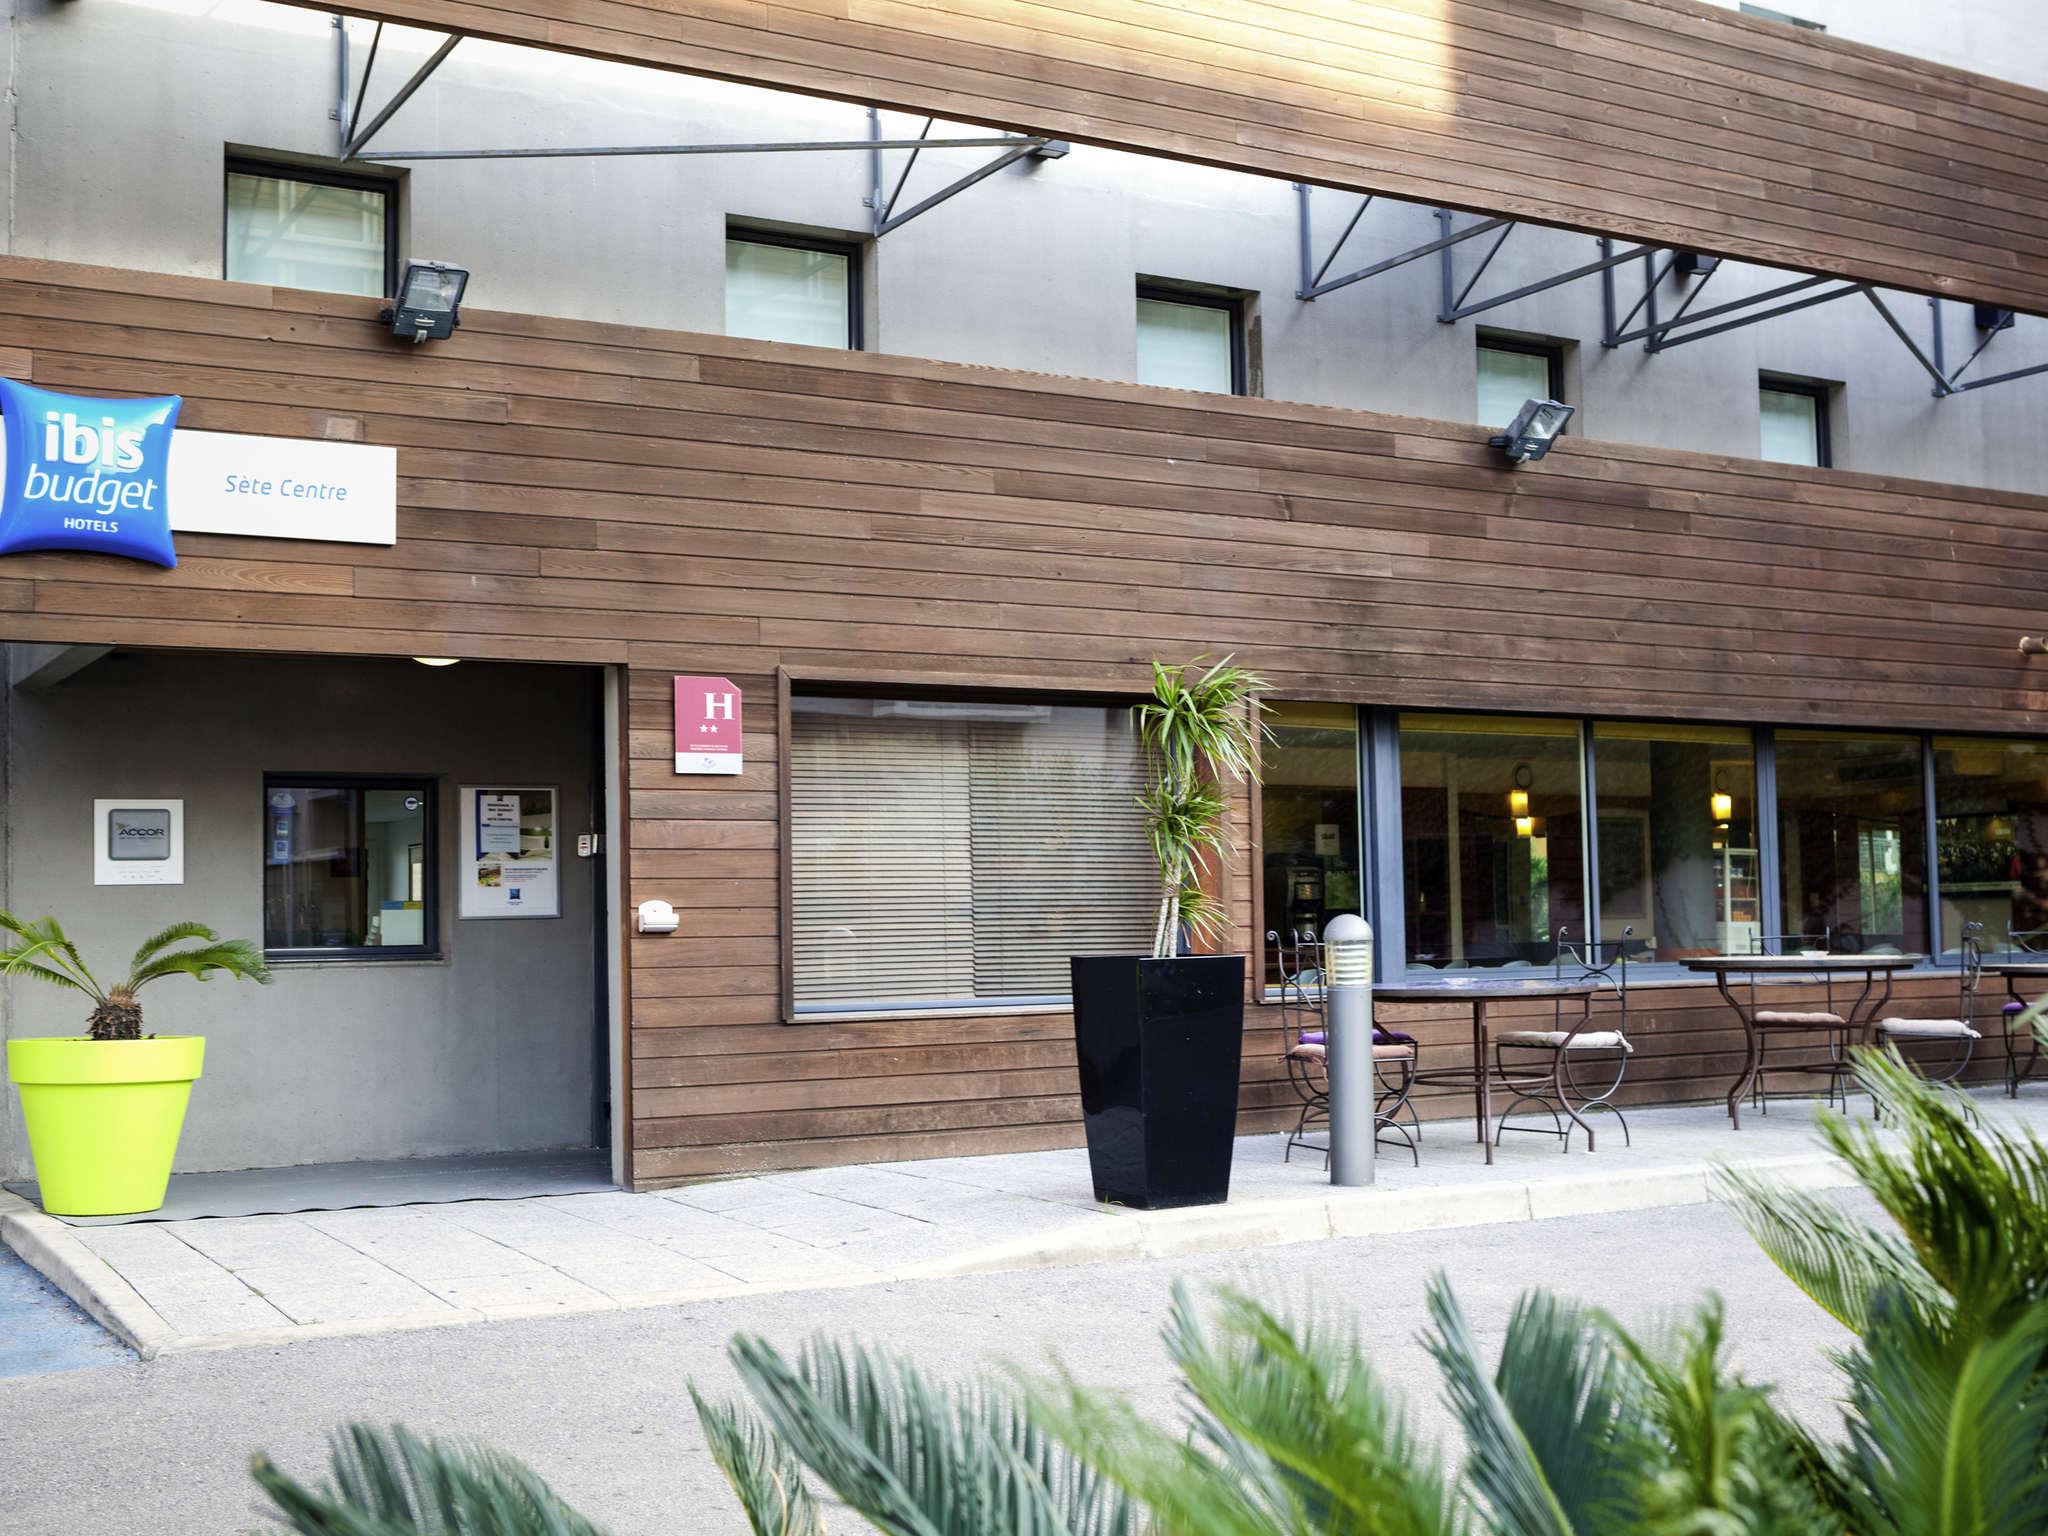 Hotel in SETE ibis bud S¨te Centre